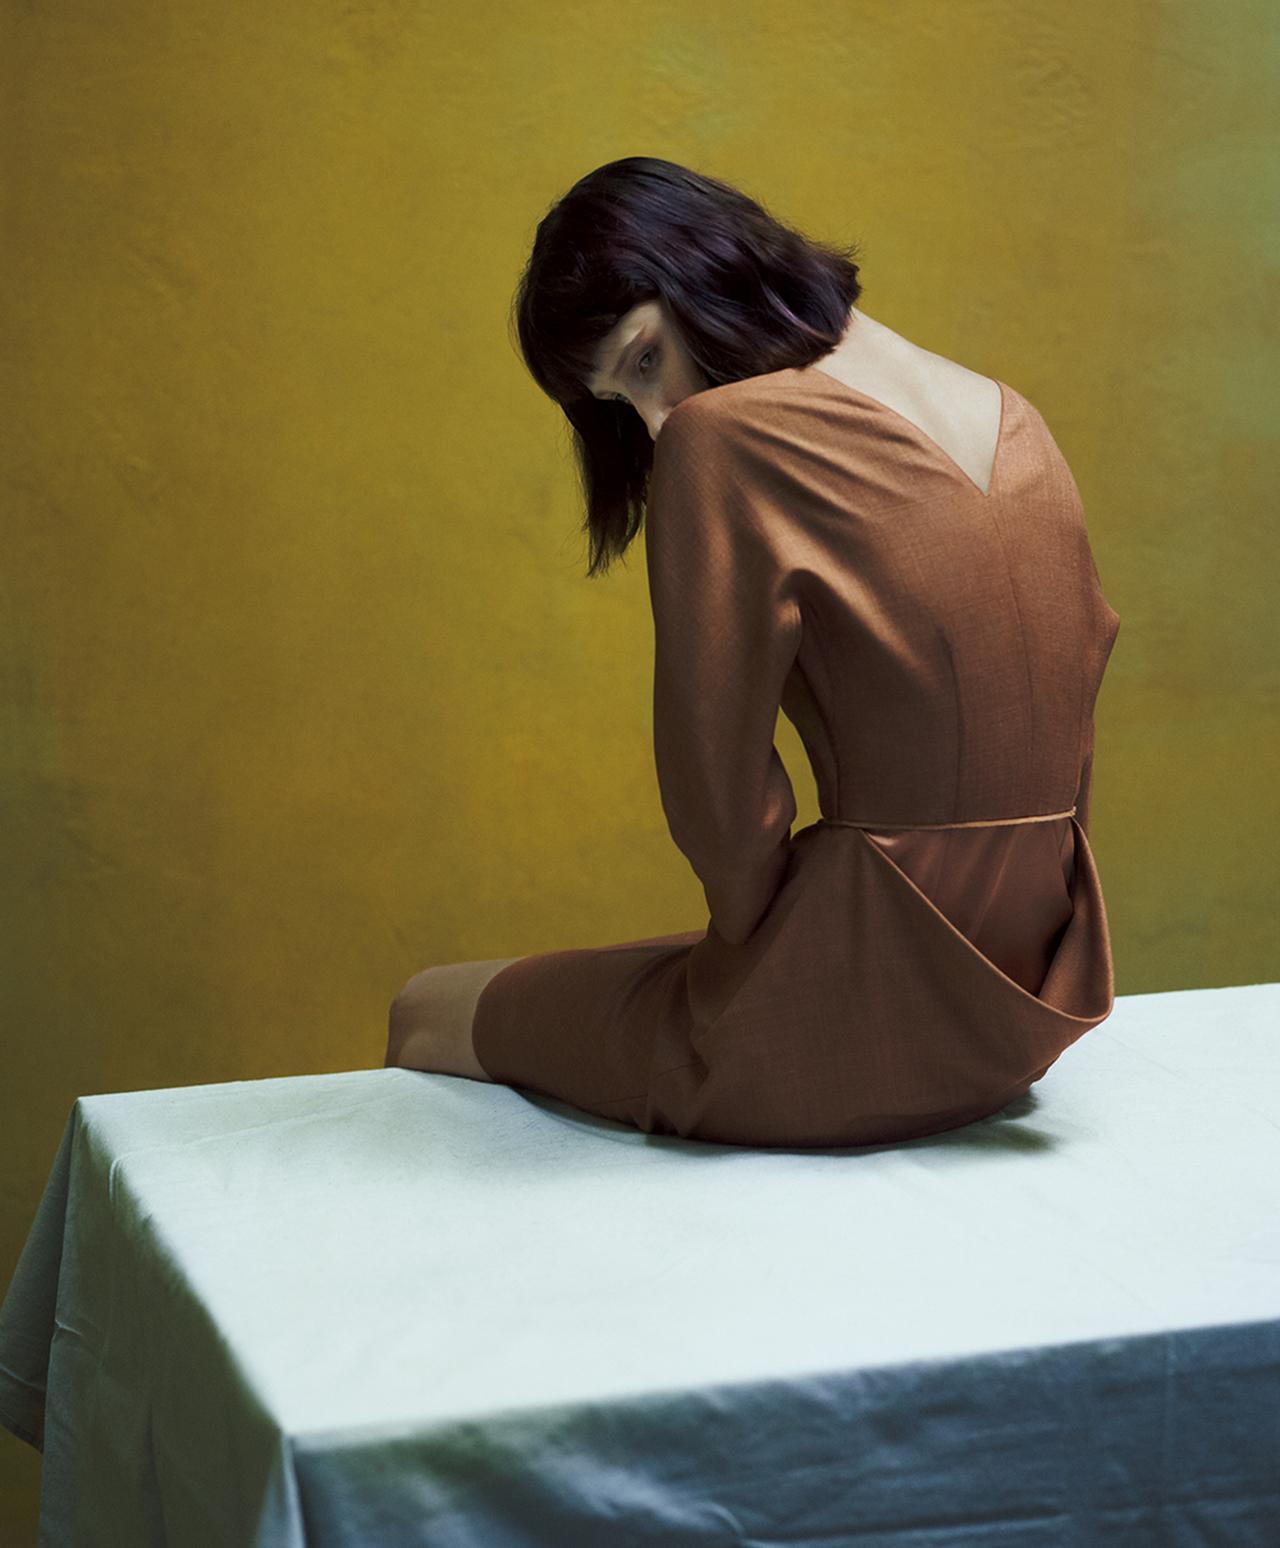 Images : 7番目の画像 - 「春、モードは ドラマティックなフォルムに 回帰する」のアルバム - T JAPAN:The New York Times Style Magazine 公式サイト